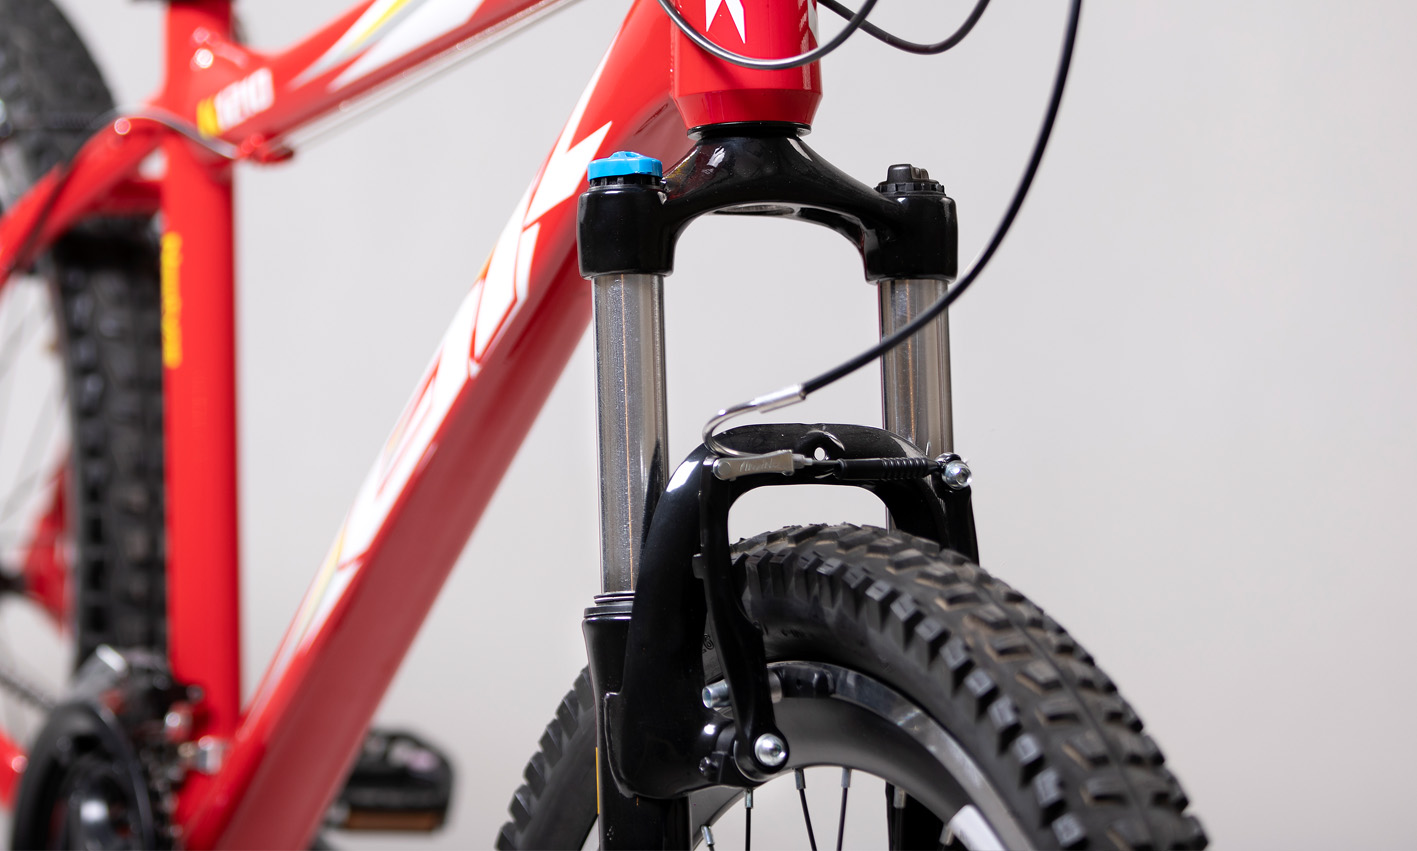 سیستم ترمز وی برک دوچرخه اوکی